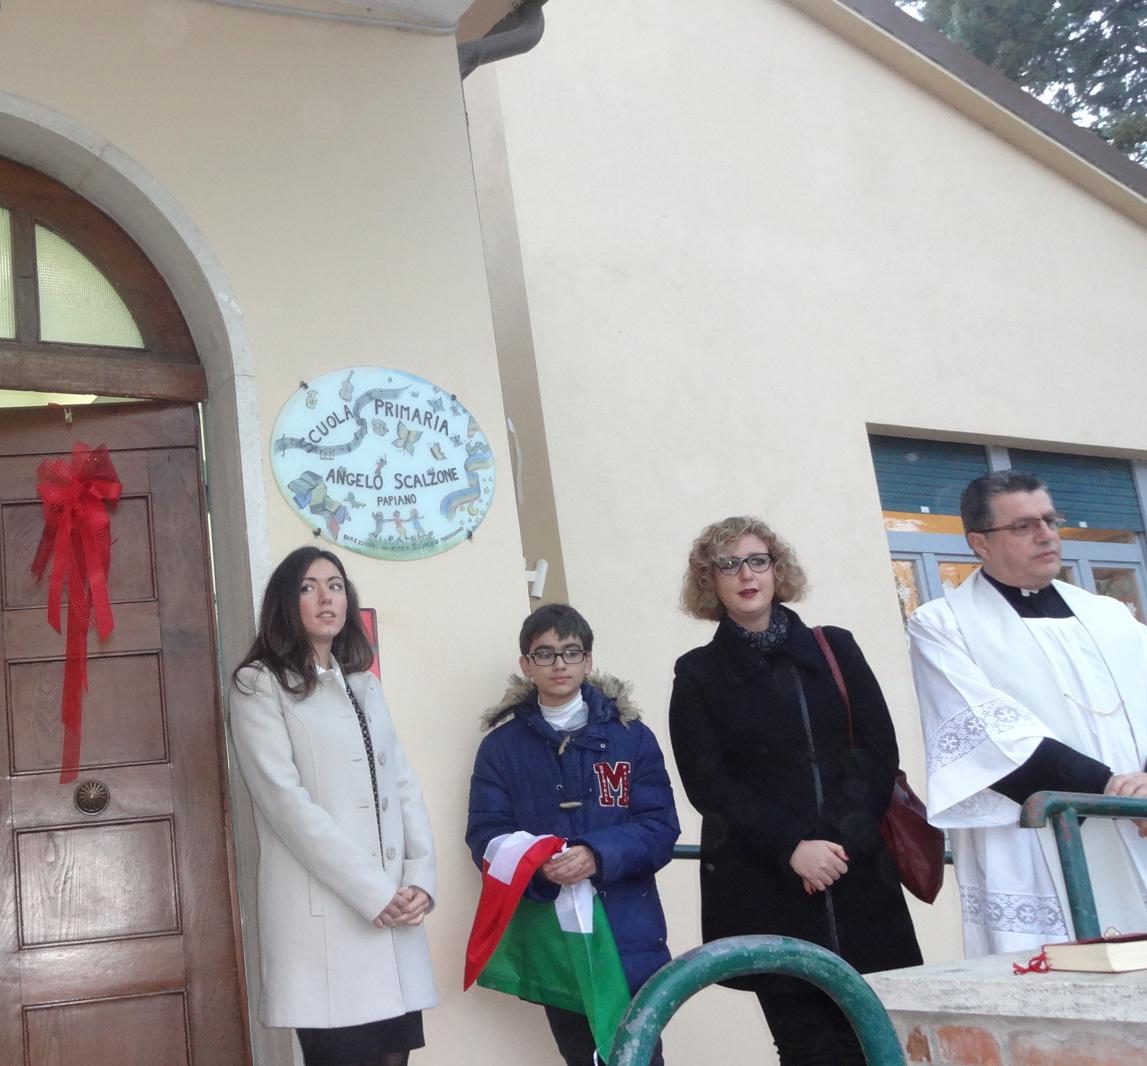 Intitolazione_scuola_scalzone_papiano